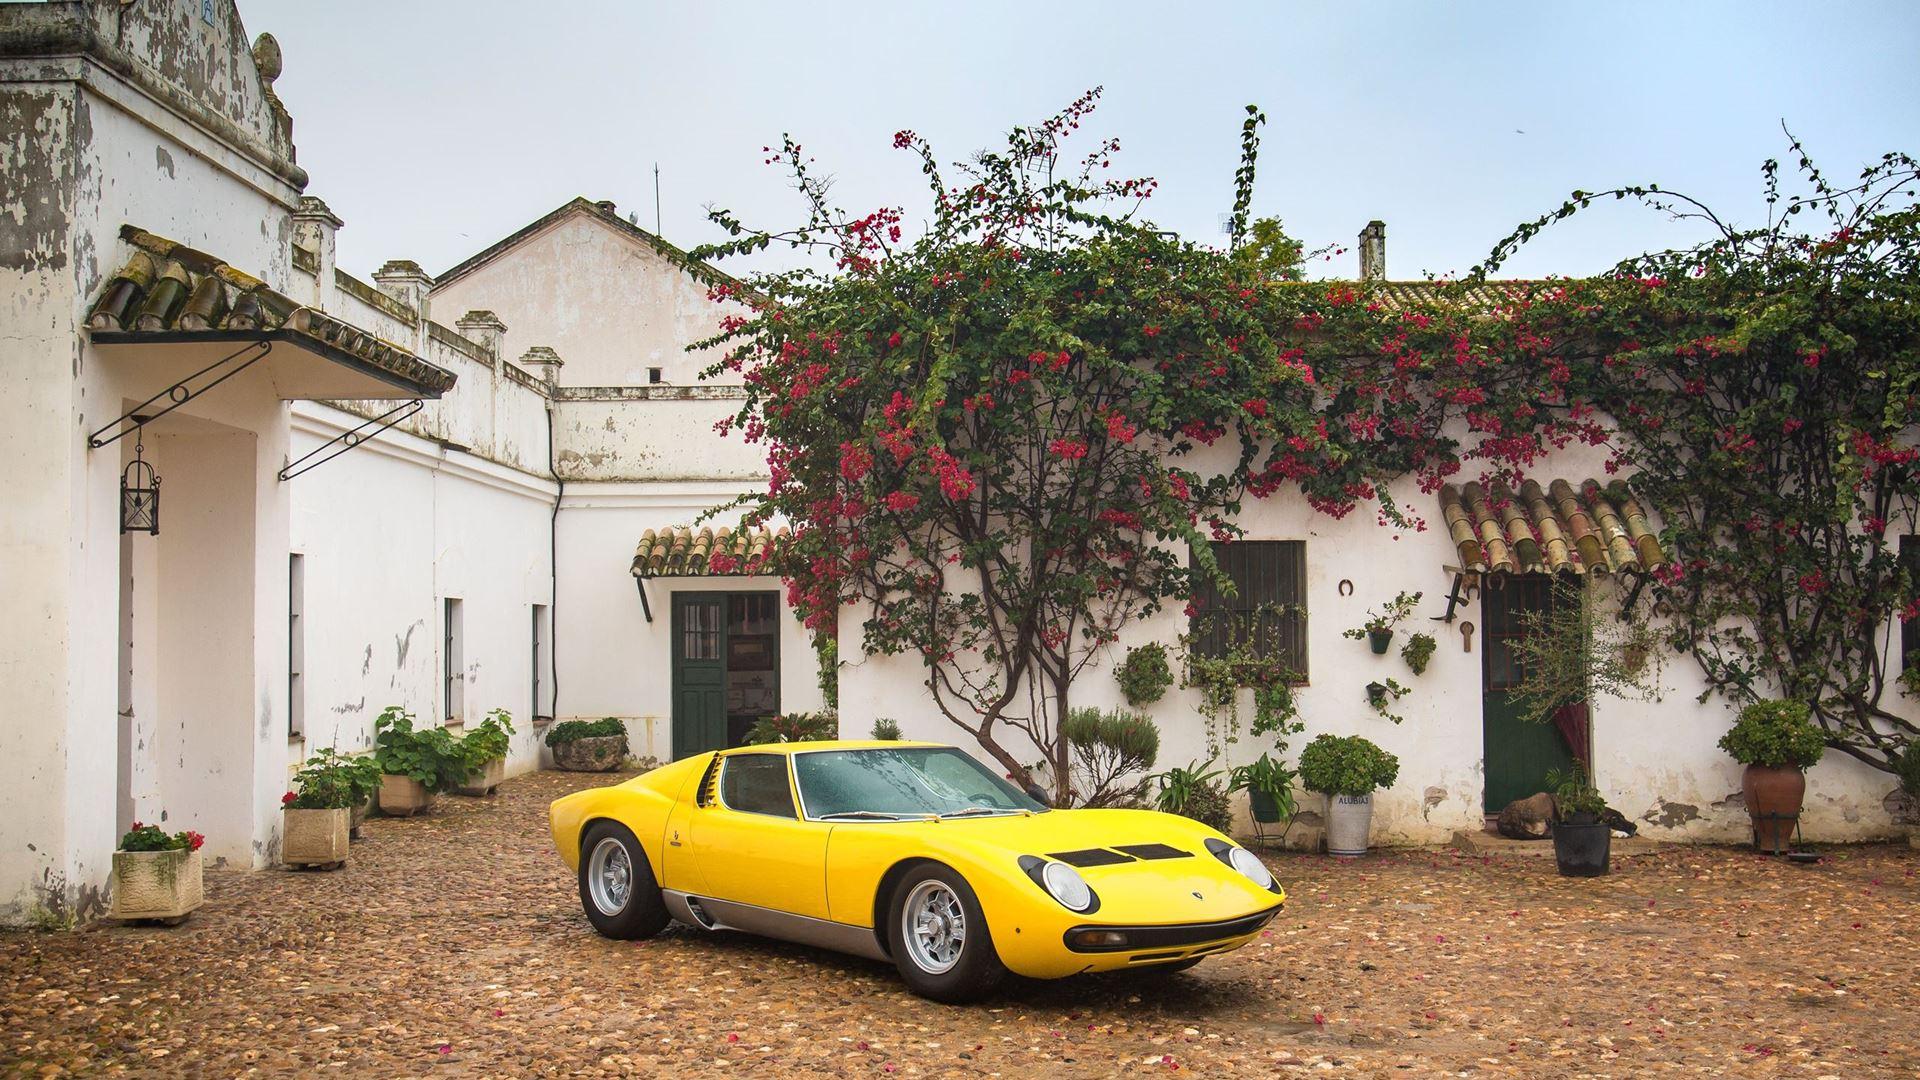 Lamborghini Miura SV turns 50 in 2021 - Image 2